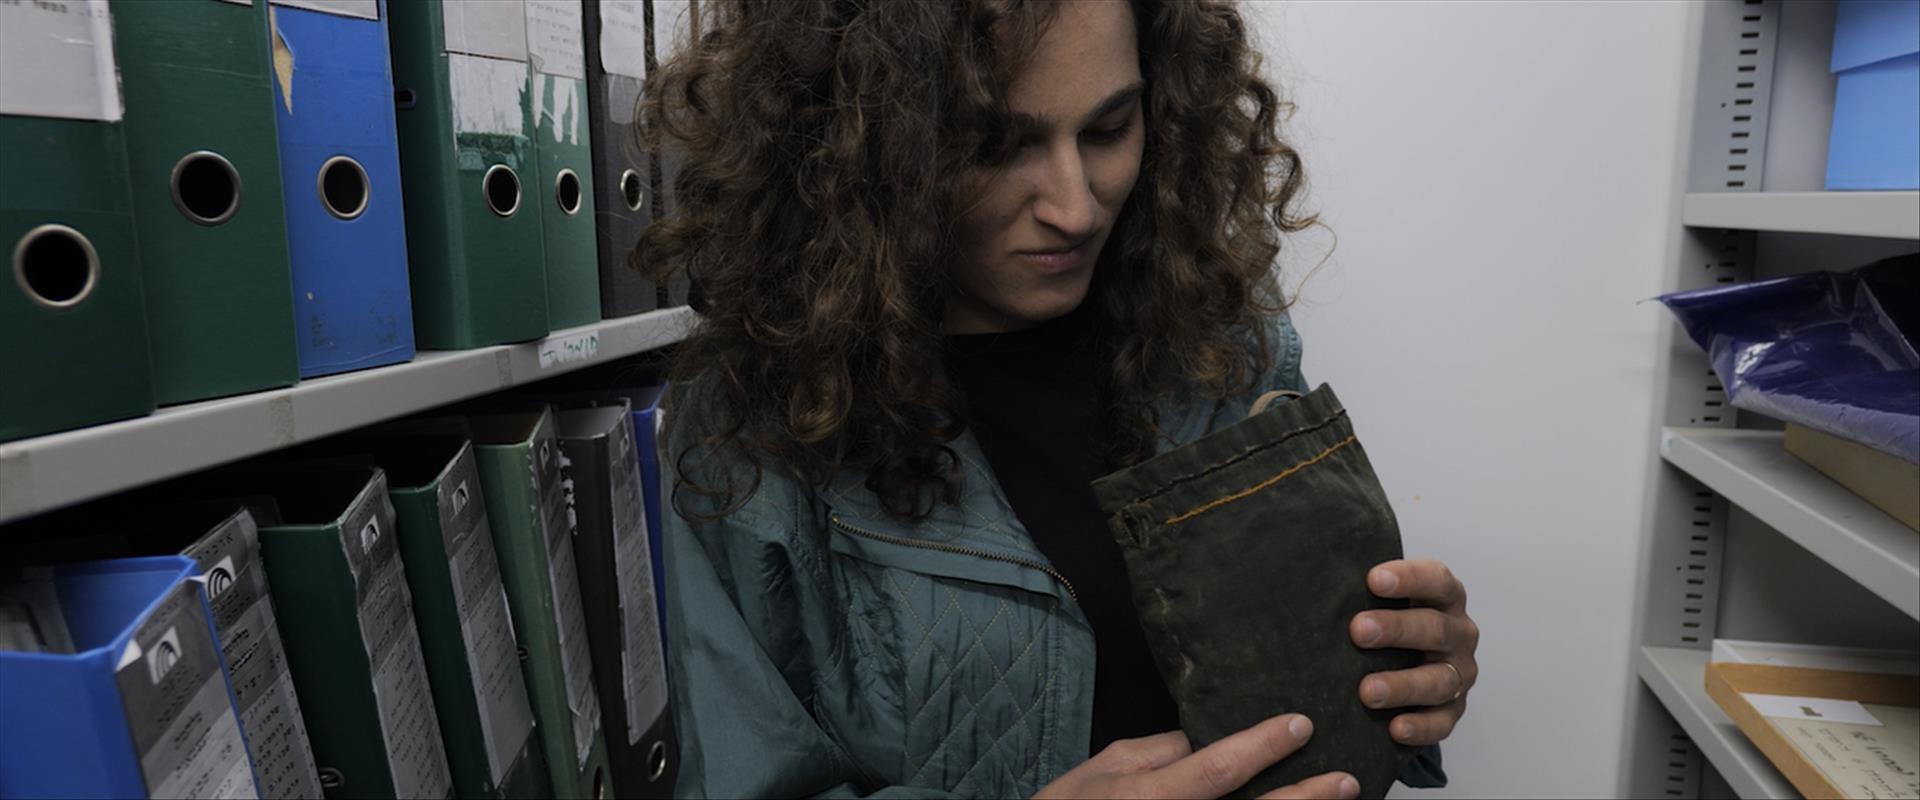 ענת קורול גורדון - תעלומות